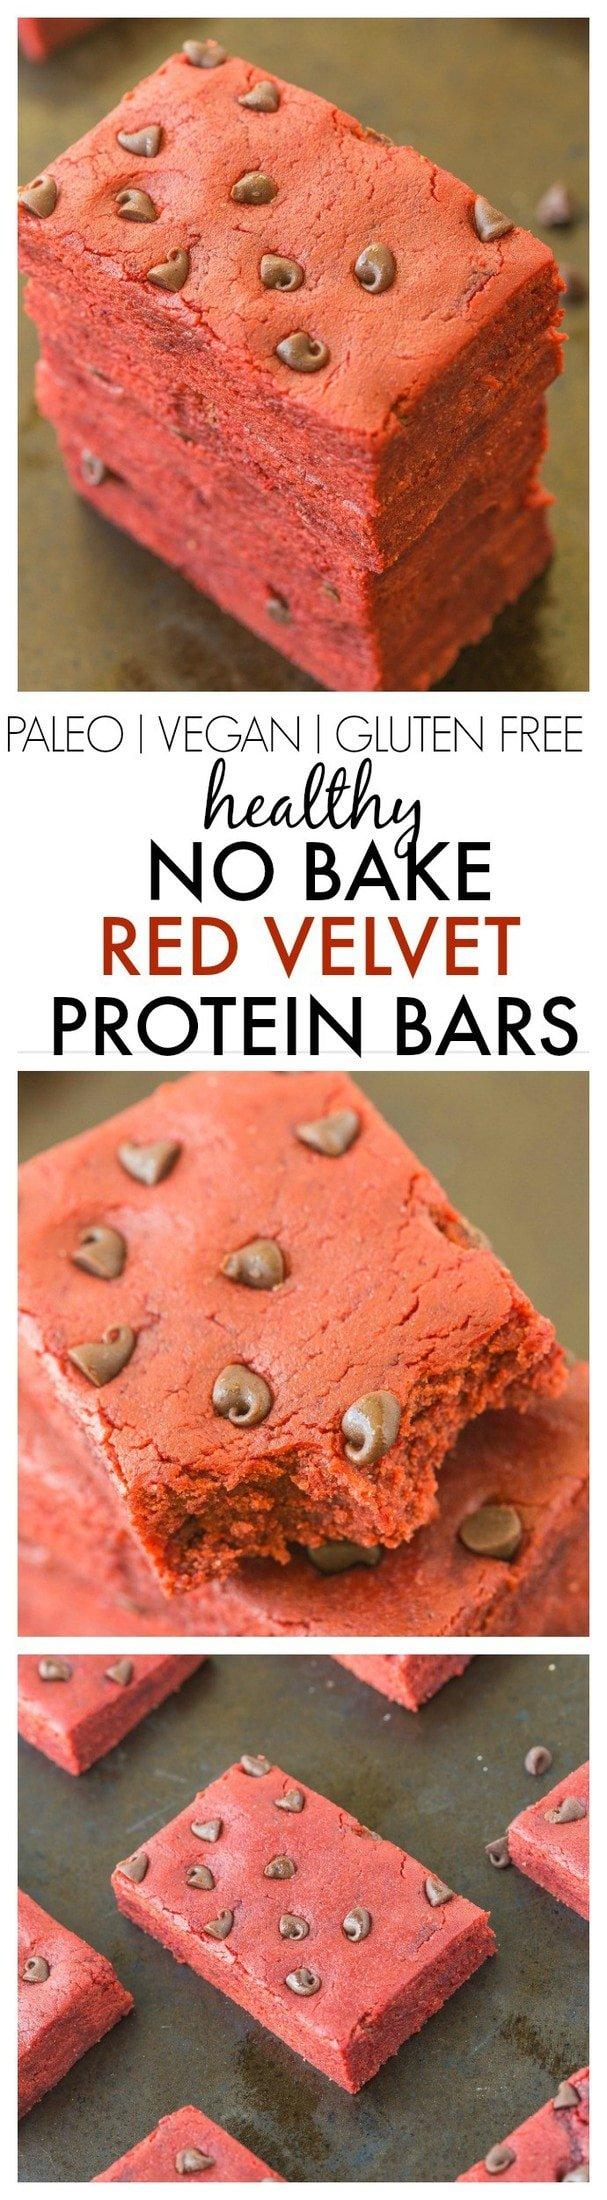 Keto Red Velvet Protein Bars